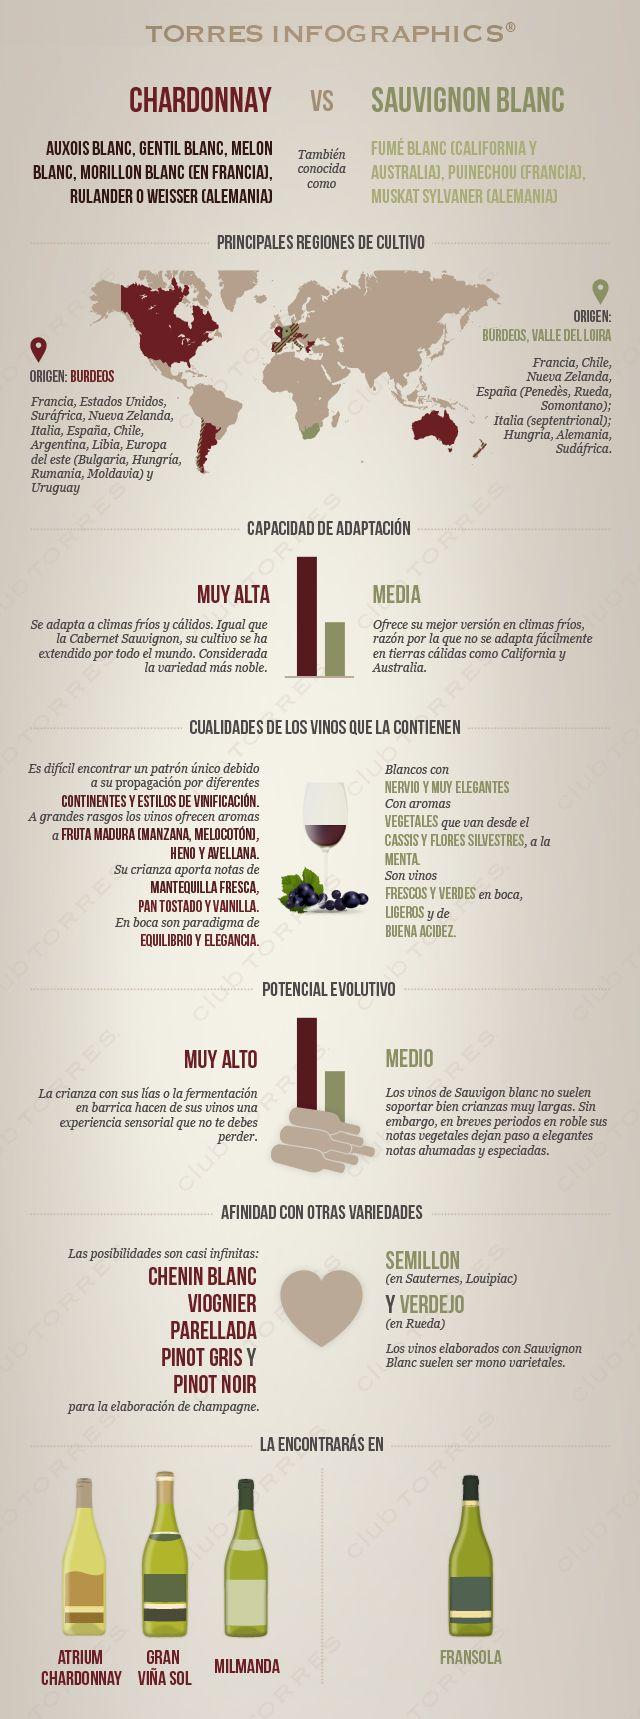 #Infografía: Chardonnay Vs Sauvignon blanc. #Vino